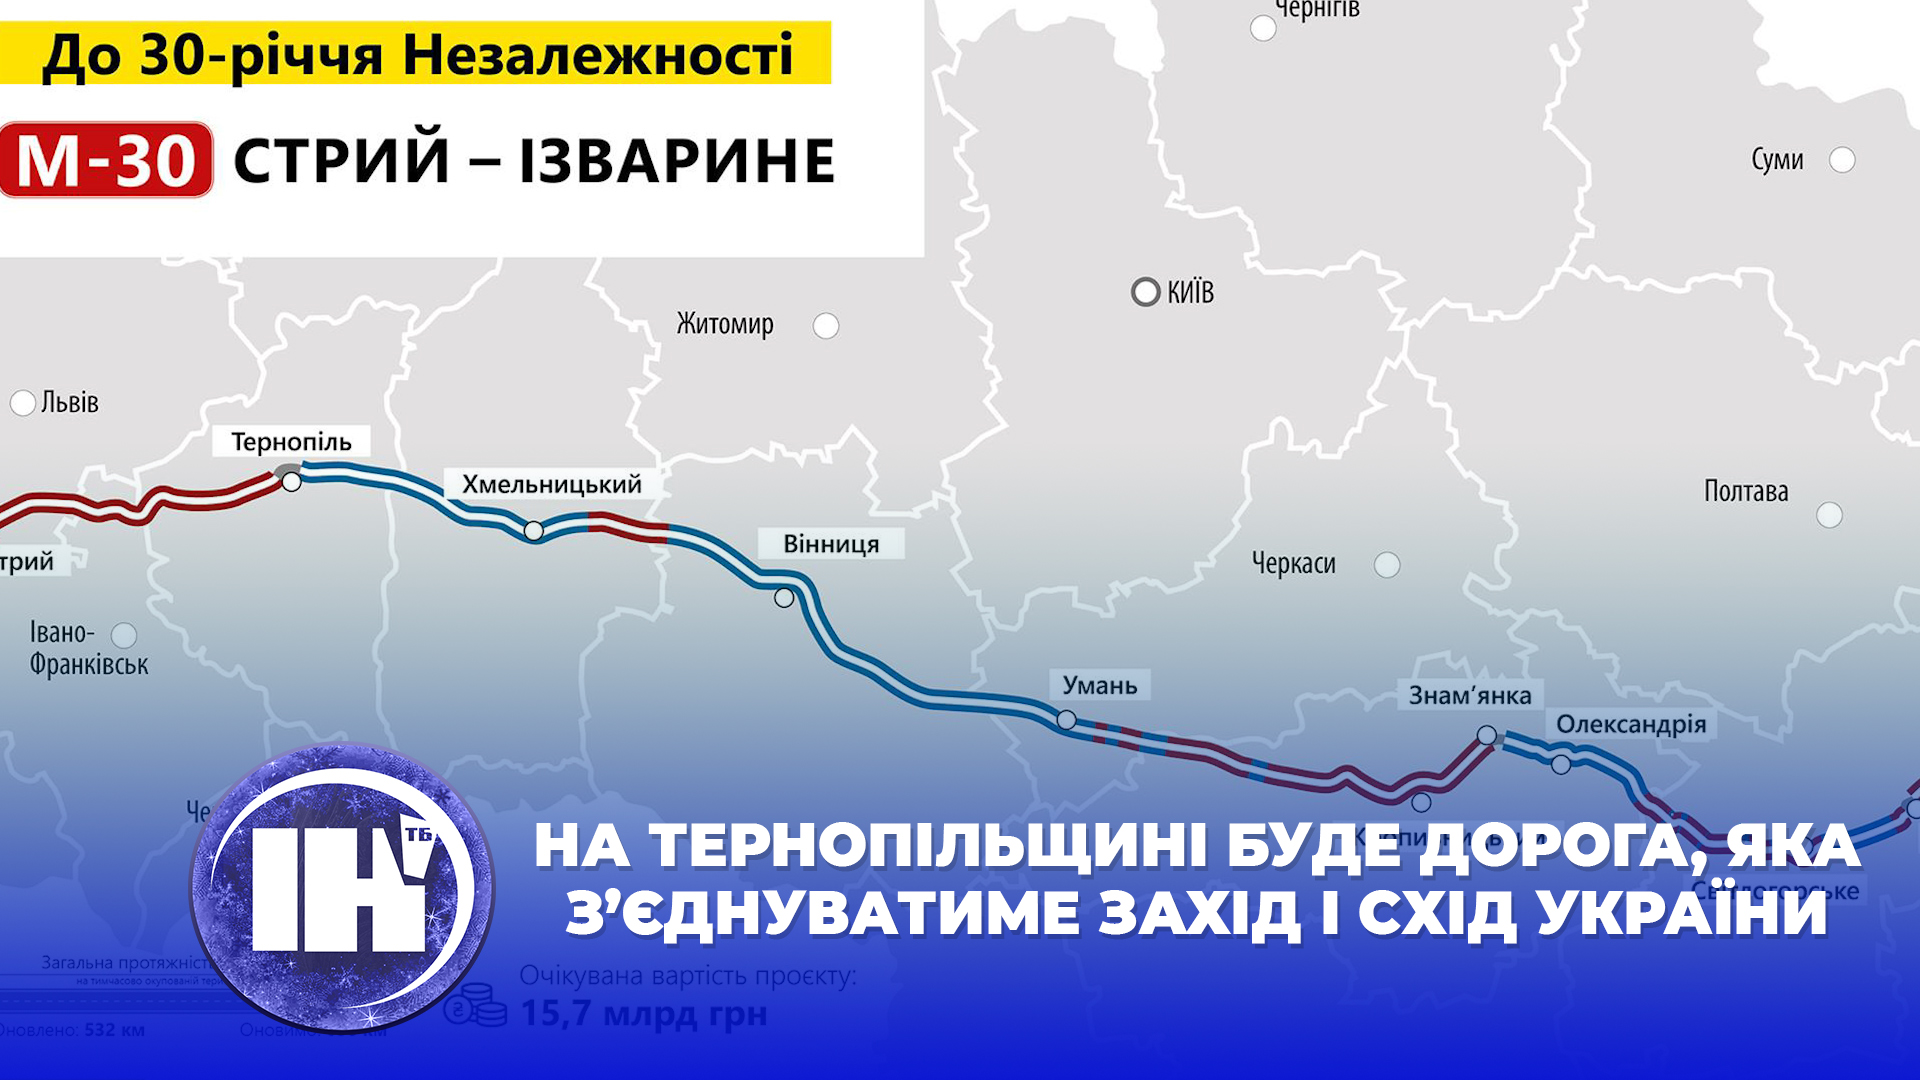 На Тернопільщині буде дорога, яка з'єднуватиме захід і схід України